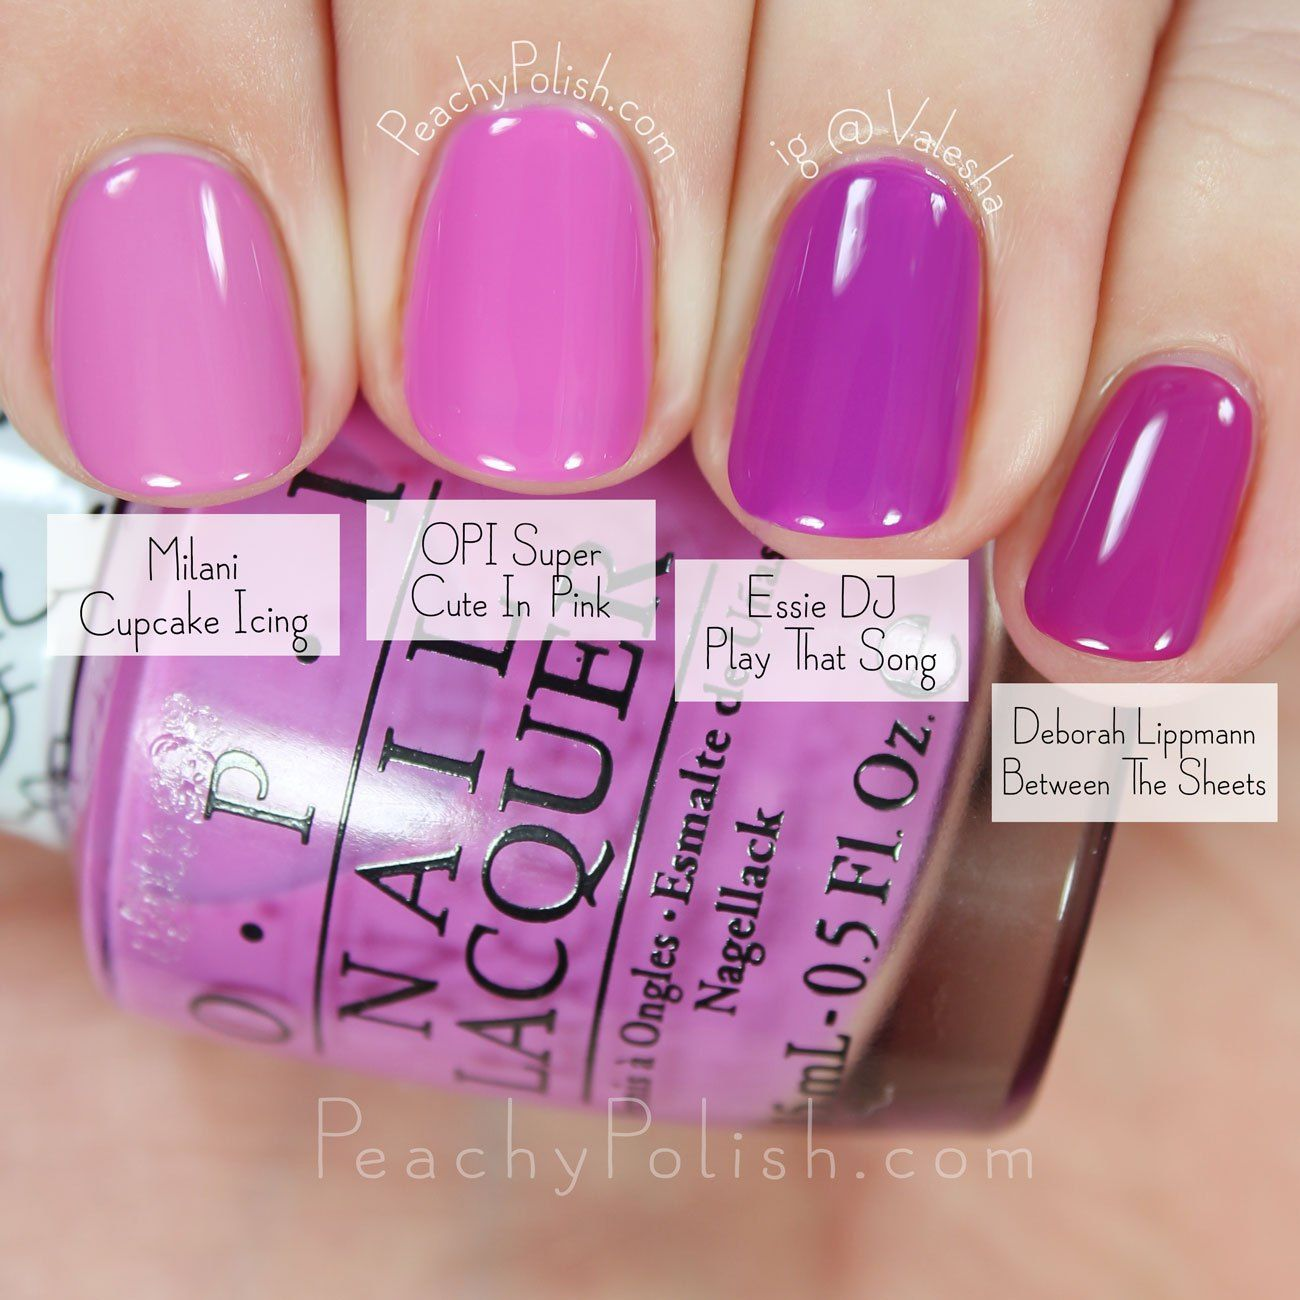 OPI Super Cute In Pink Comparison